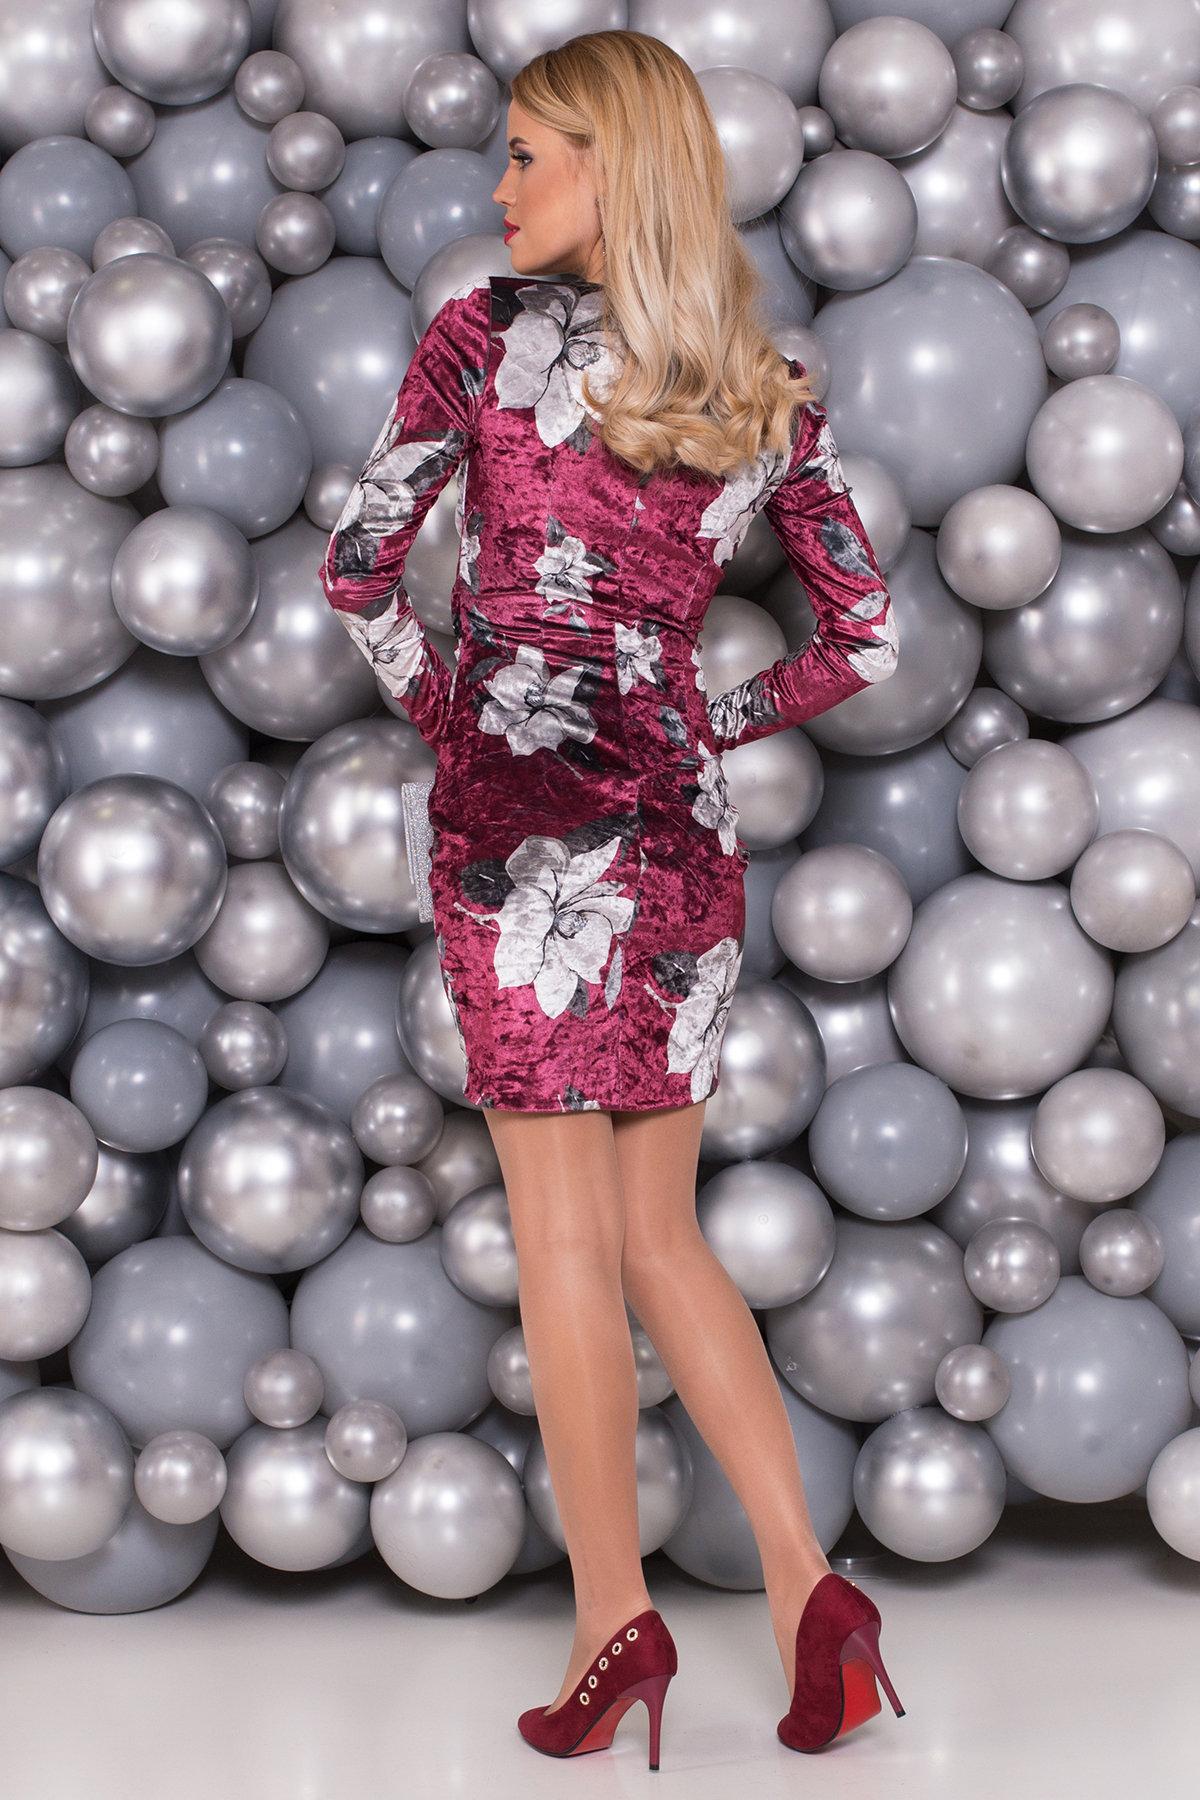 Платье Ламия 4660 АРТ. 33651 Цвет: Марсала цветы крупные - фото 2, интернет магазин tm-modus.ru